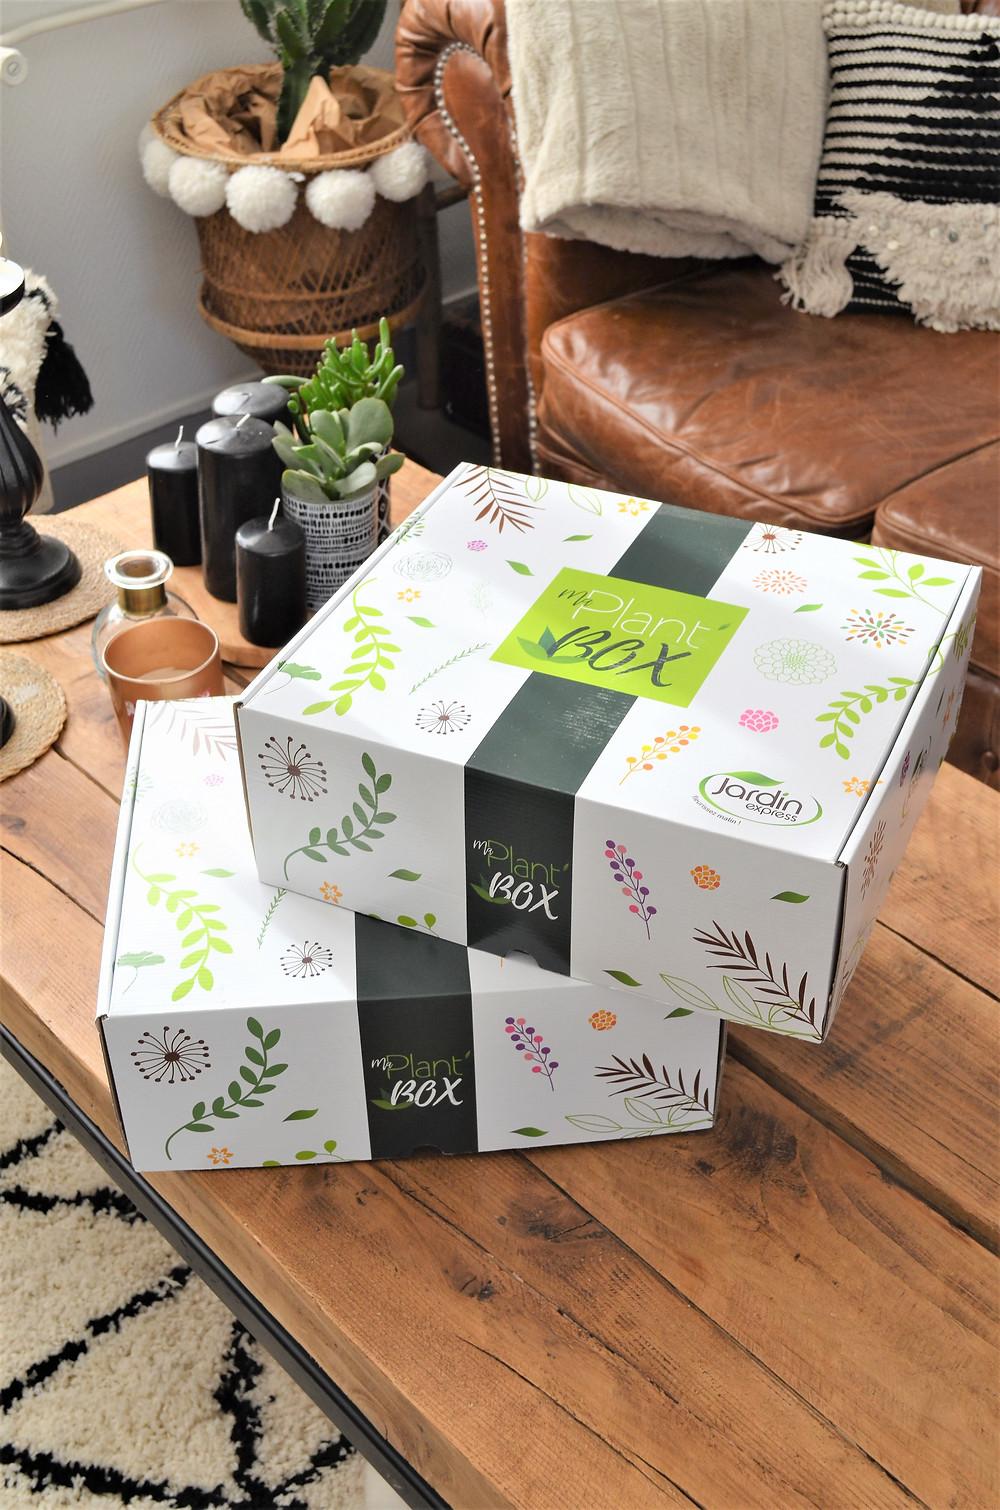 maplant'Box